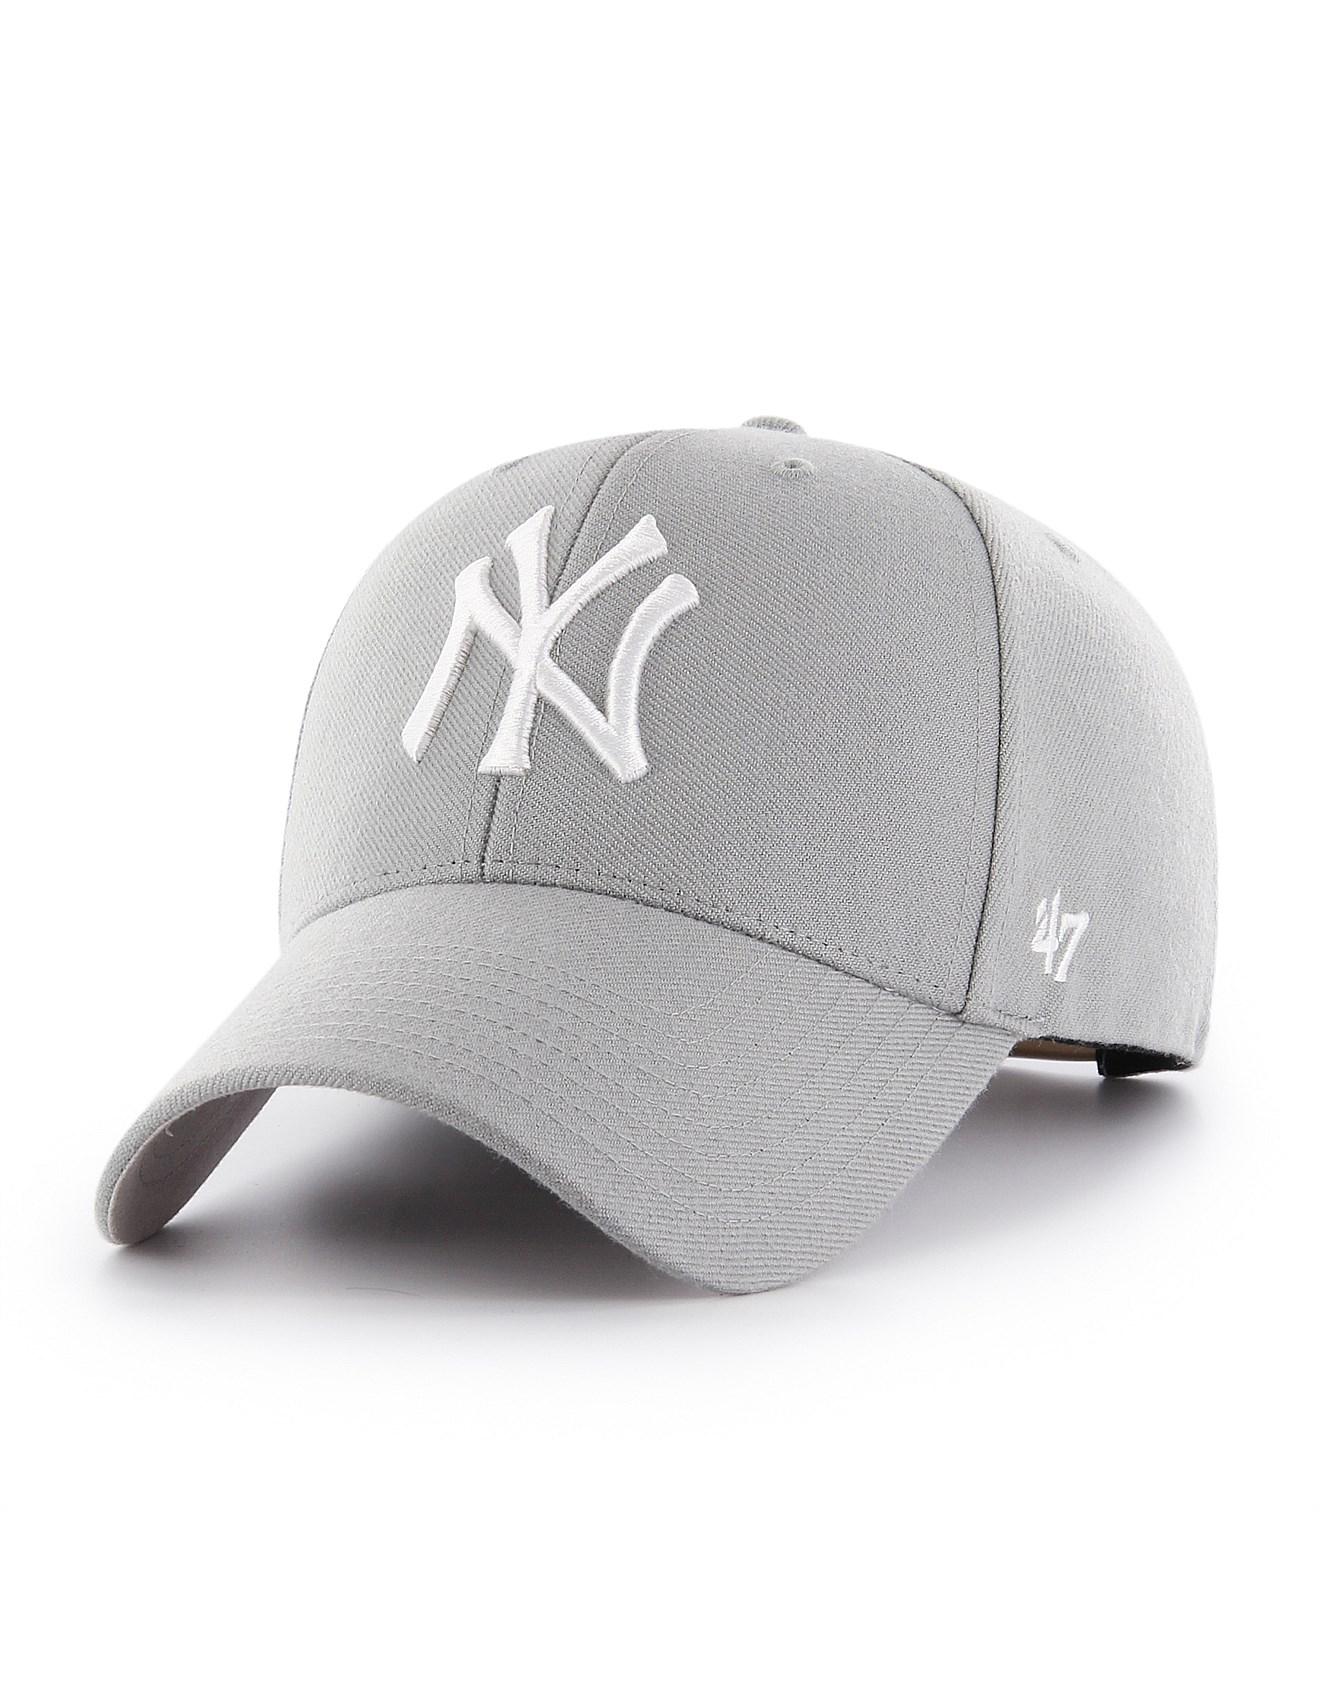 ac175125ad9 NY Yankees  47 MVP